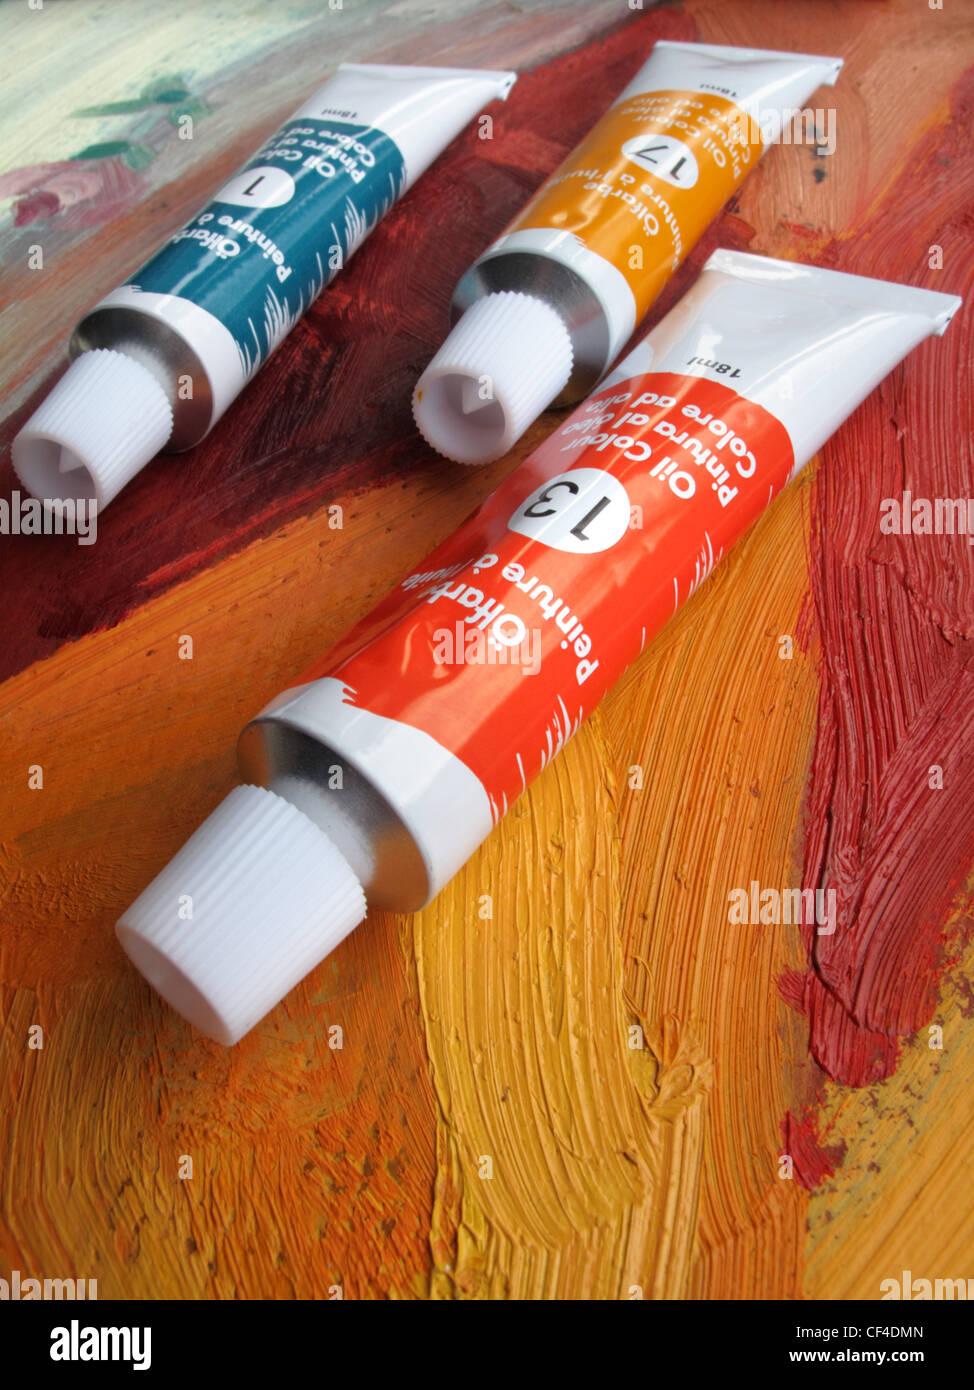 Tubi di rosso, blu e giallo pittura ad olio si trovano sulla parte superiore di un dipinto ad olio. Immagini Stock